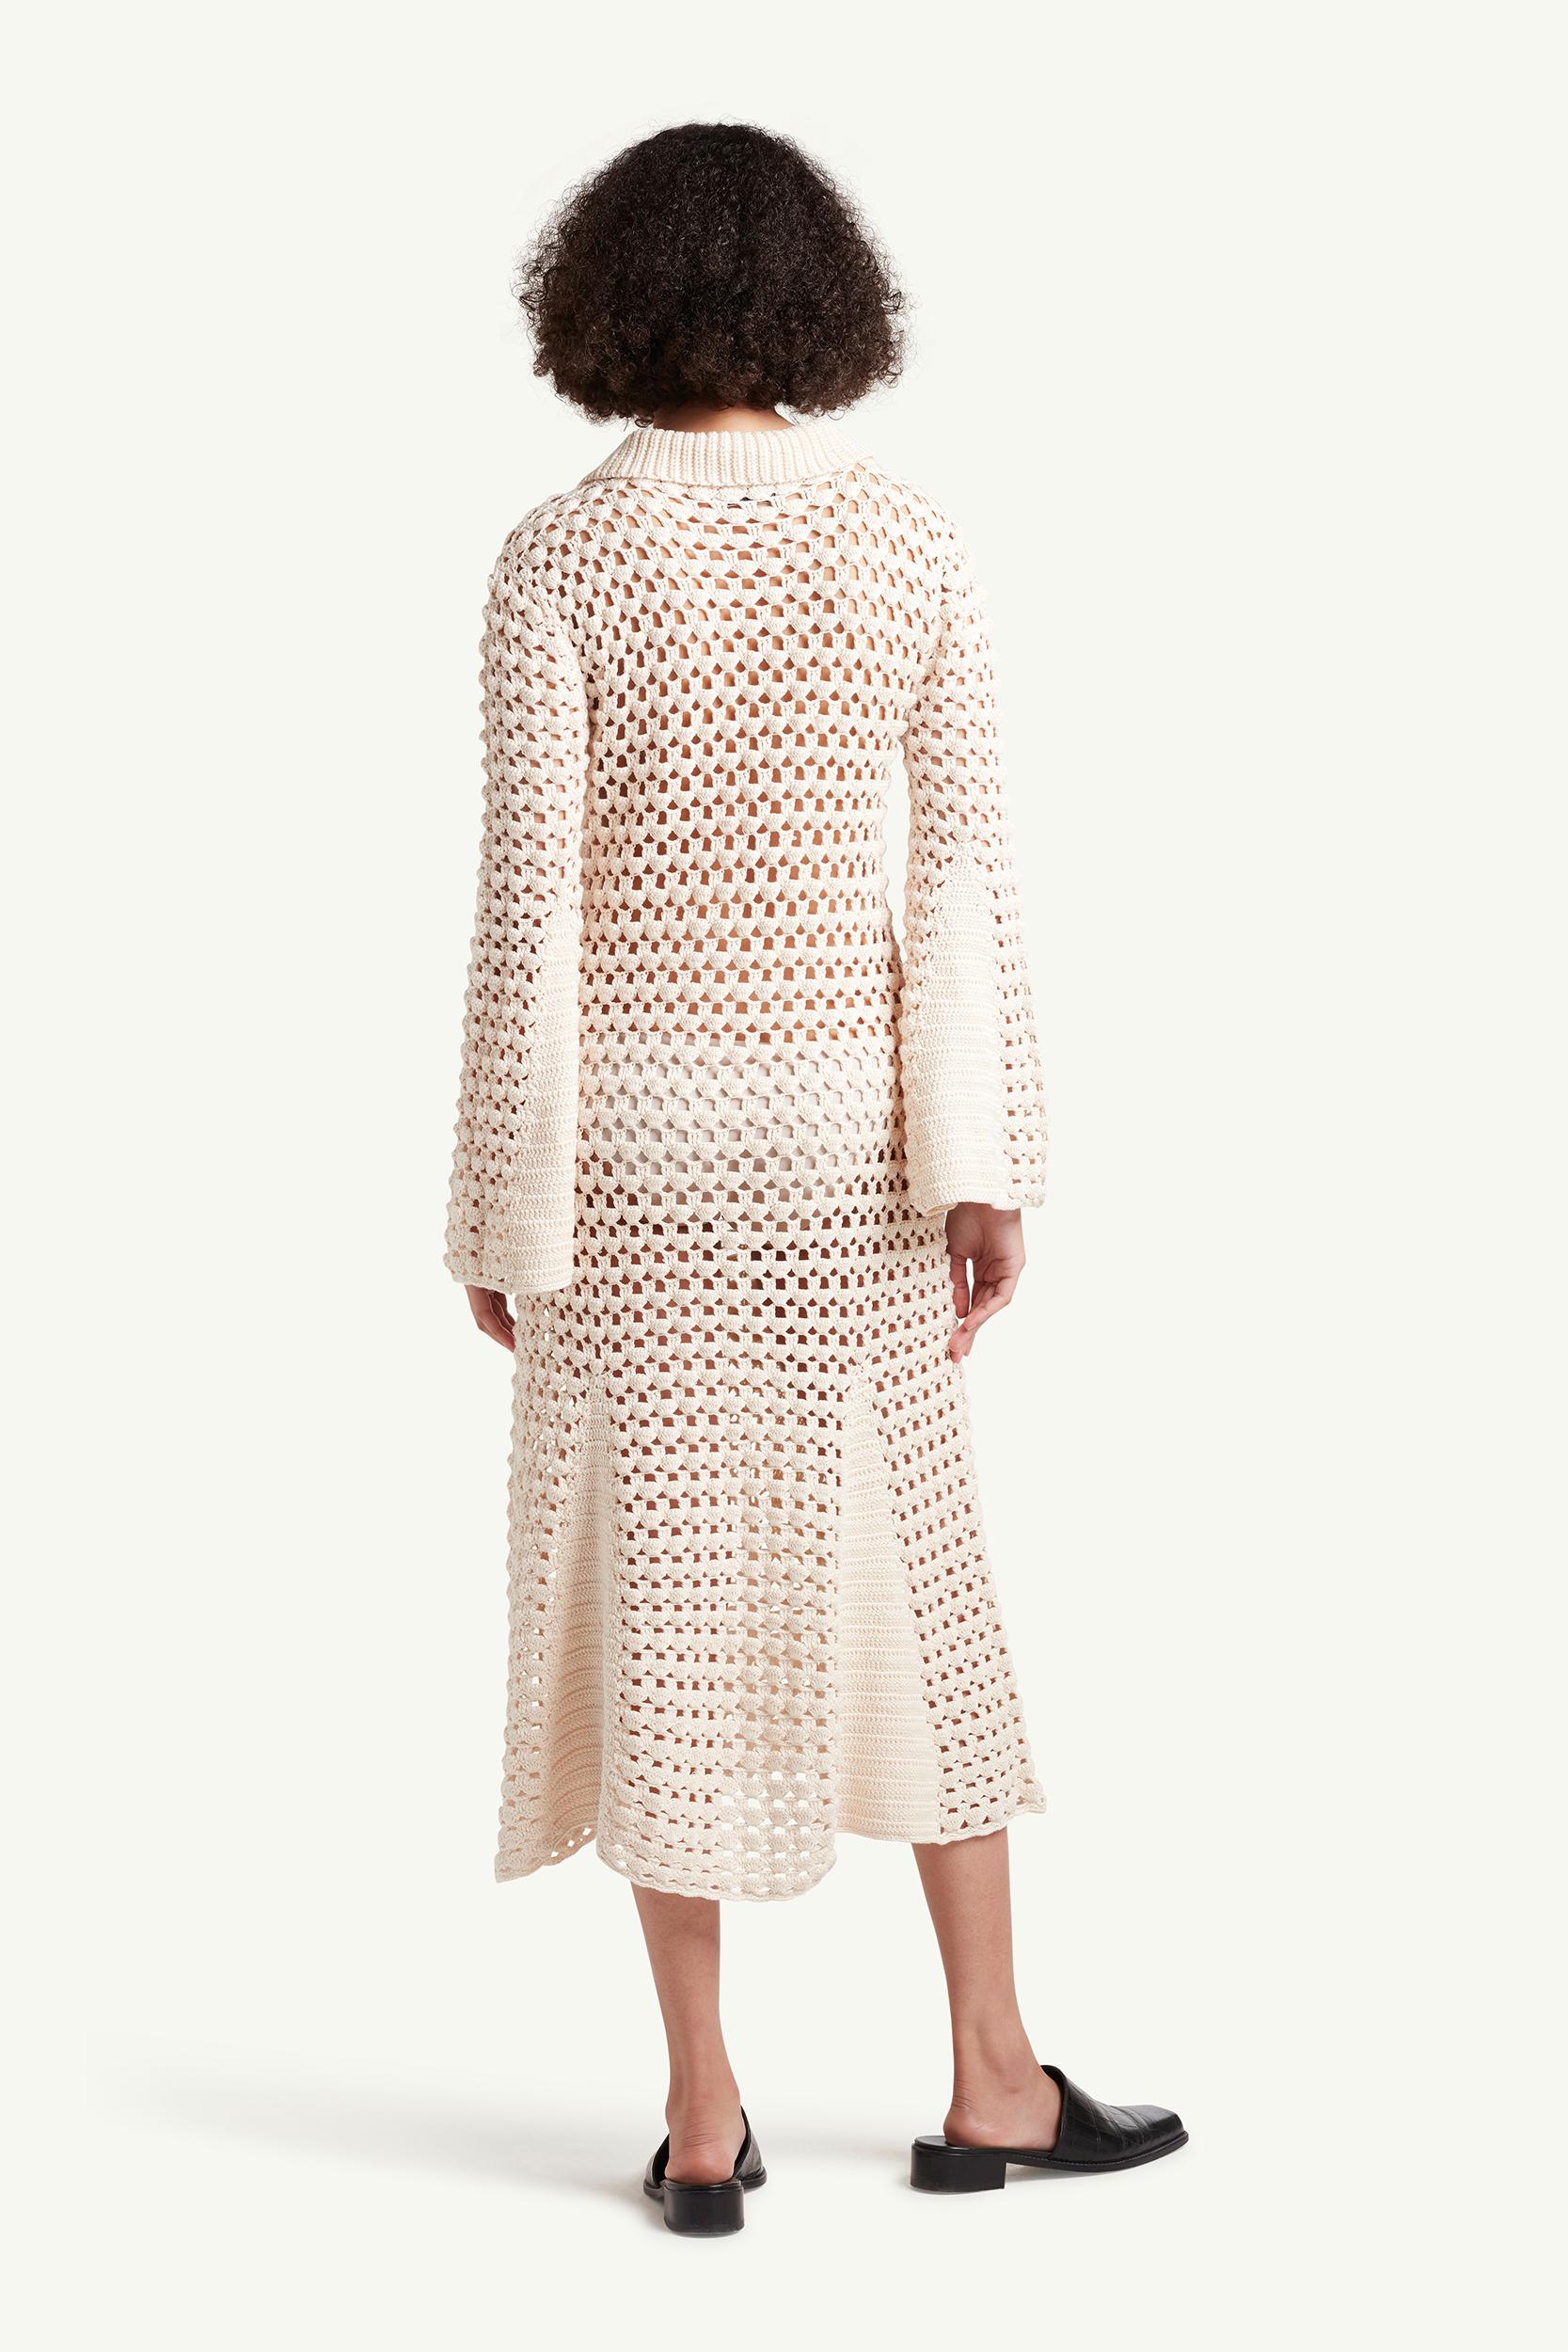 Back side shot of womenswear model wearing Wales Bonner Womenswear Model wearing a white see-through knitted dress | LRP